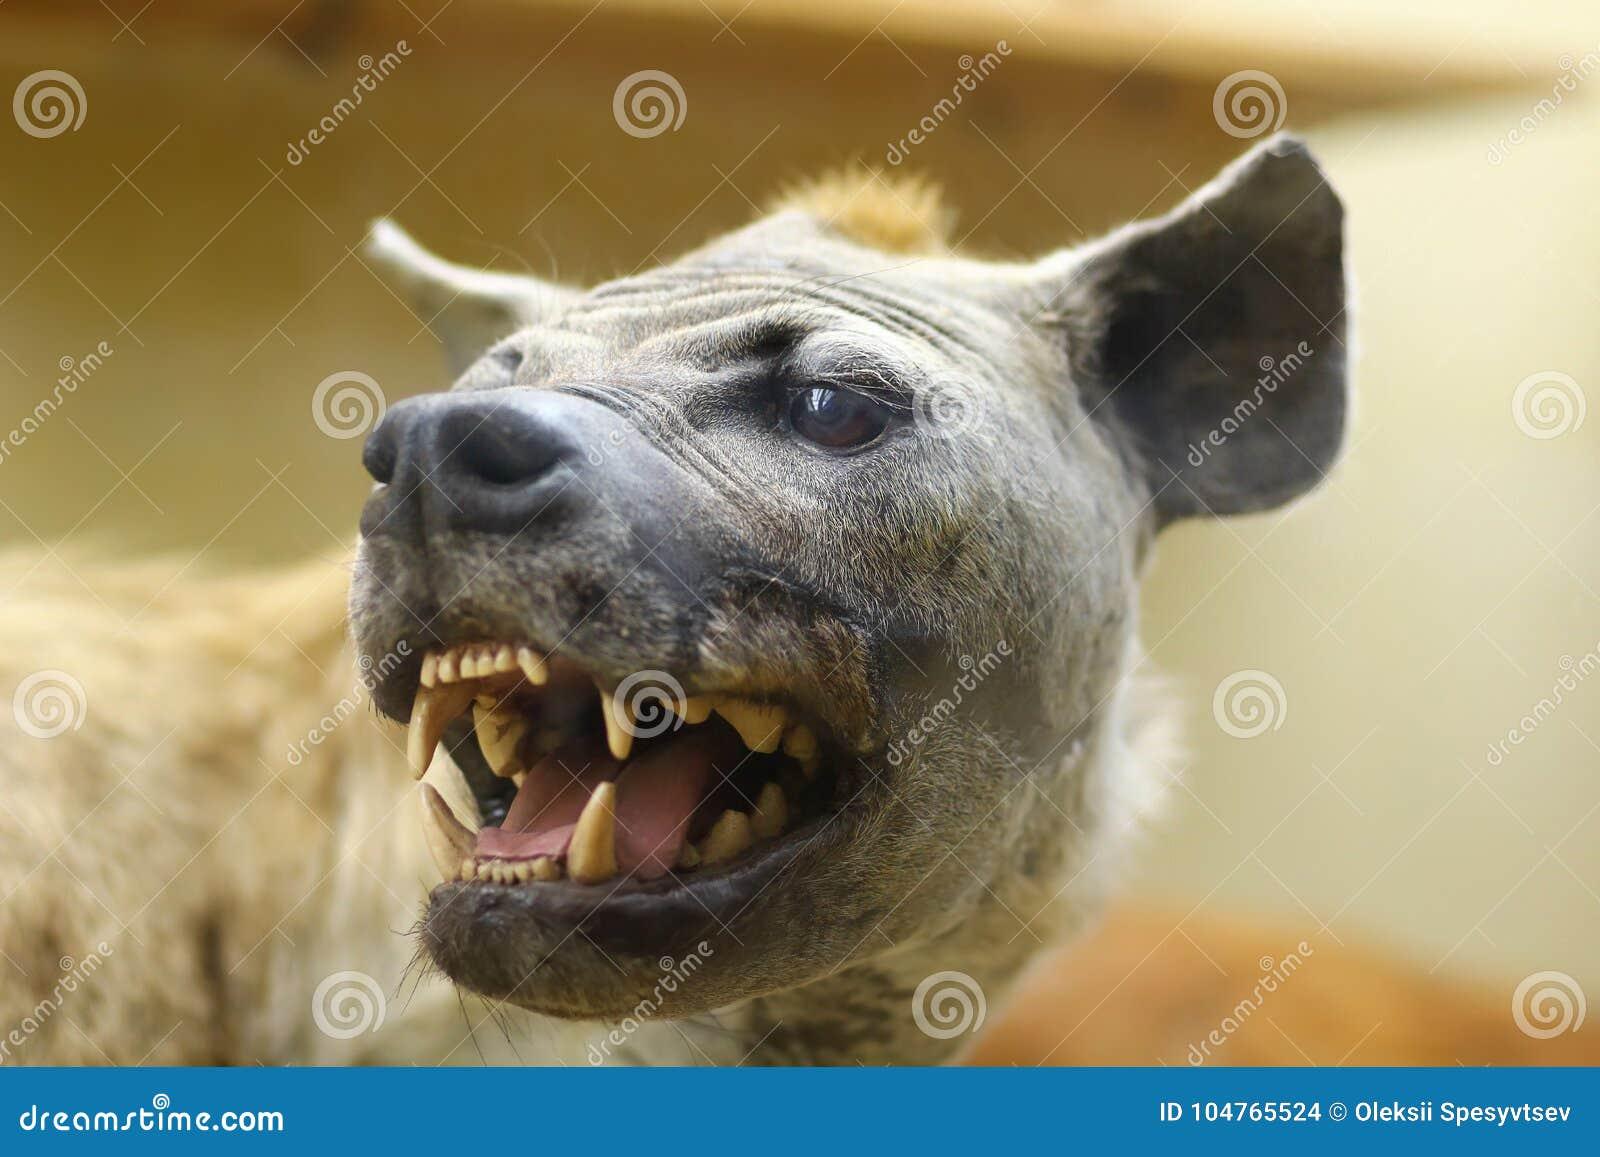 关闭狂放恼怒咆哮咧嘴的笑的鬣狗,填充动物玩偶